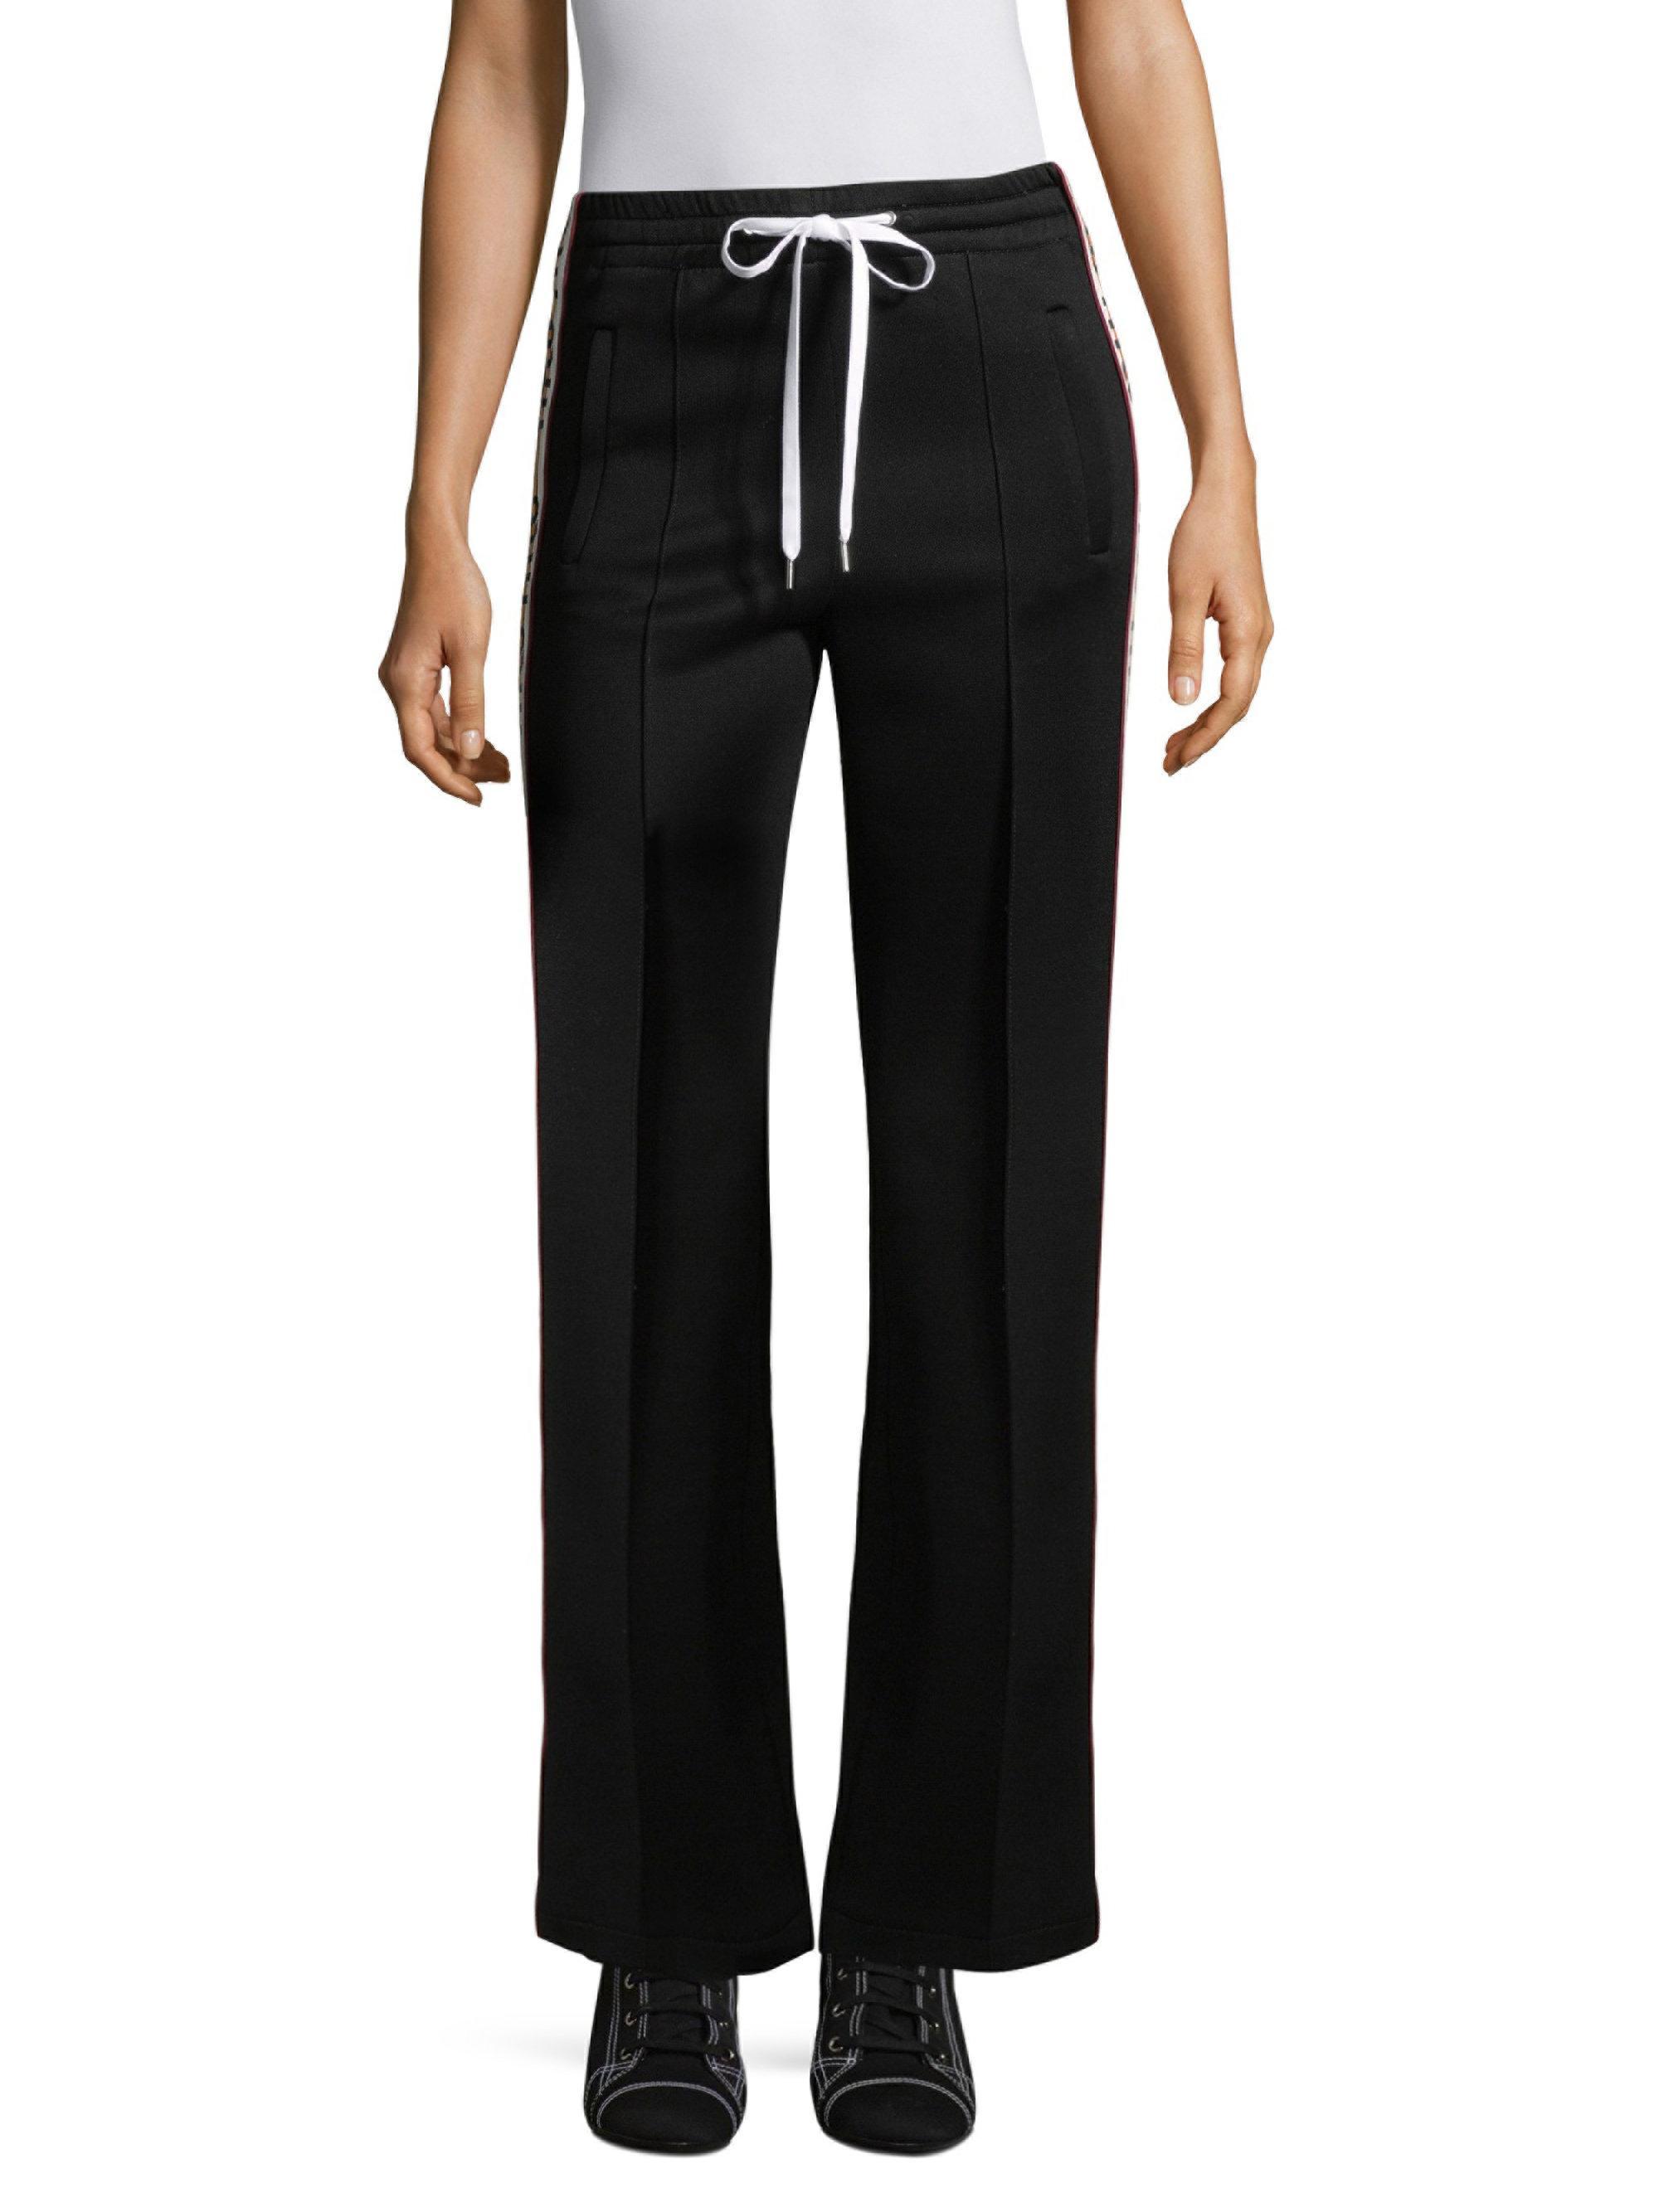 08d1bdaba1db Miu Miu Logo Jersey Tracksuit Pants in Black - Lyst